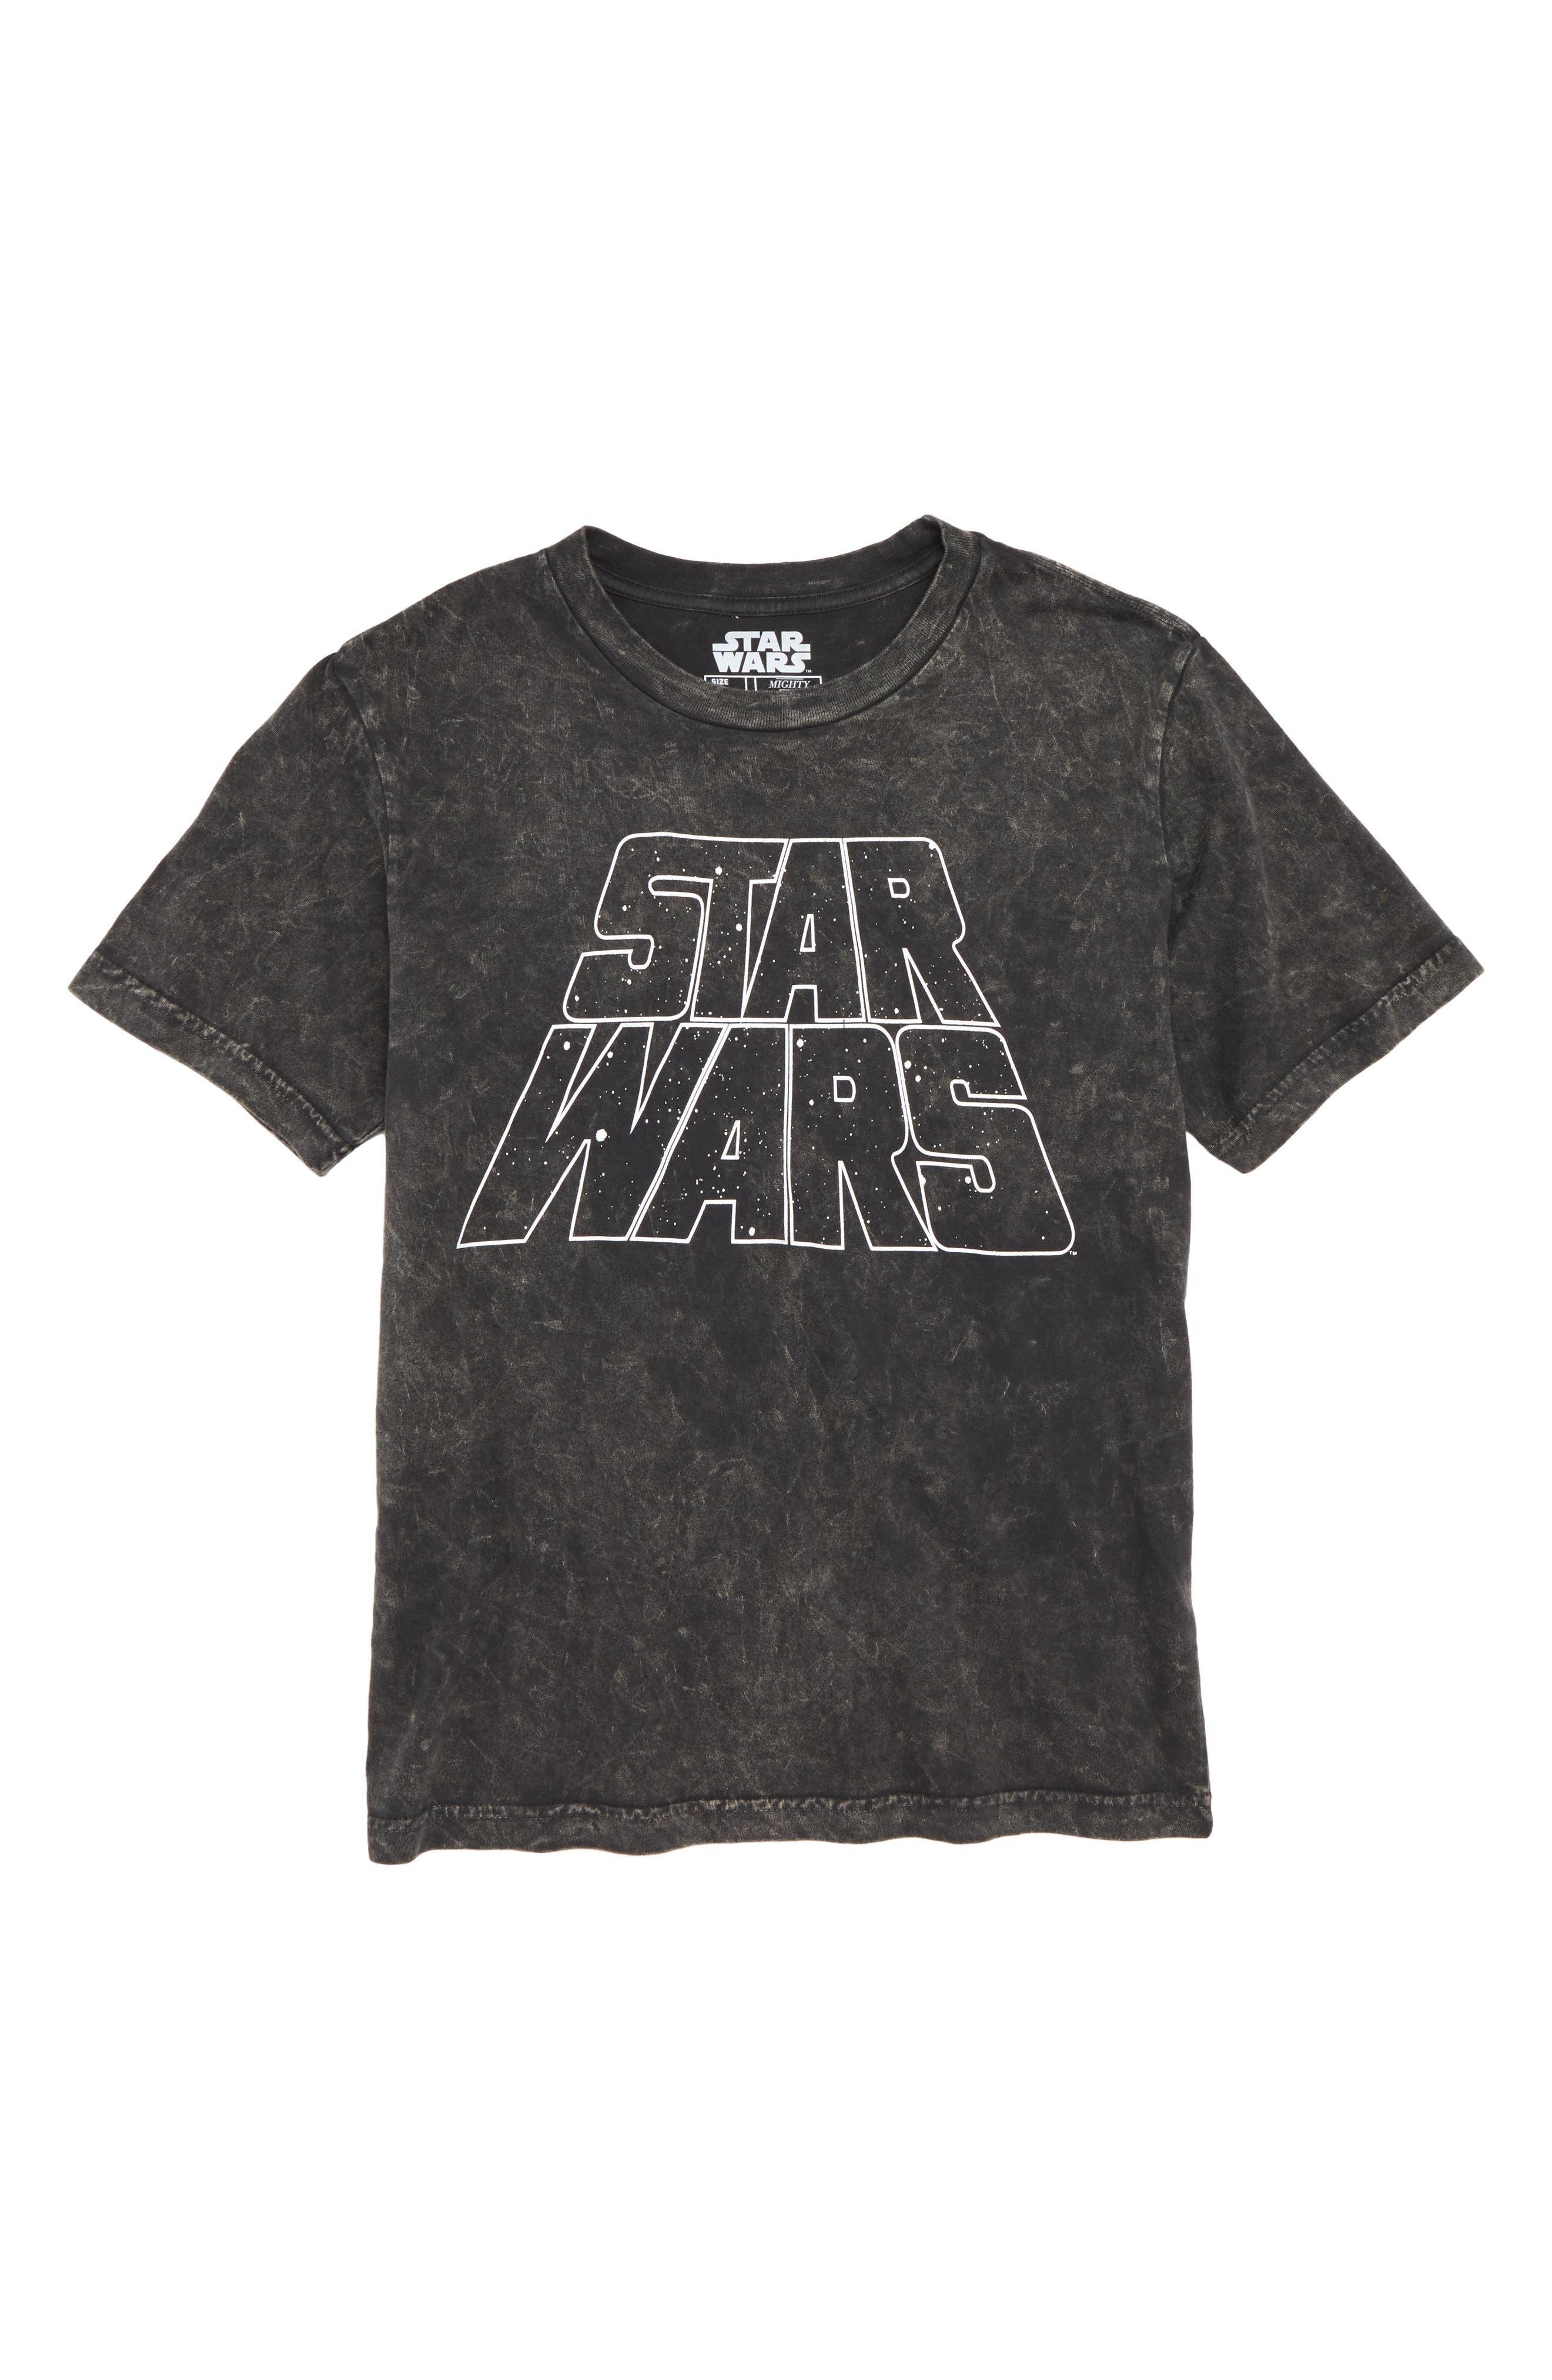 Star Wars<sup>™</sup> Graphic T-Shirt,                             Main thumbnail 1, color,                             020